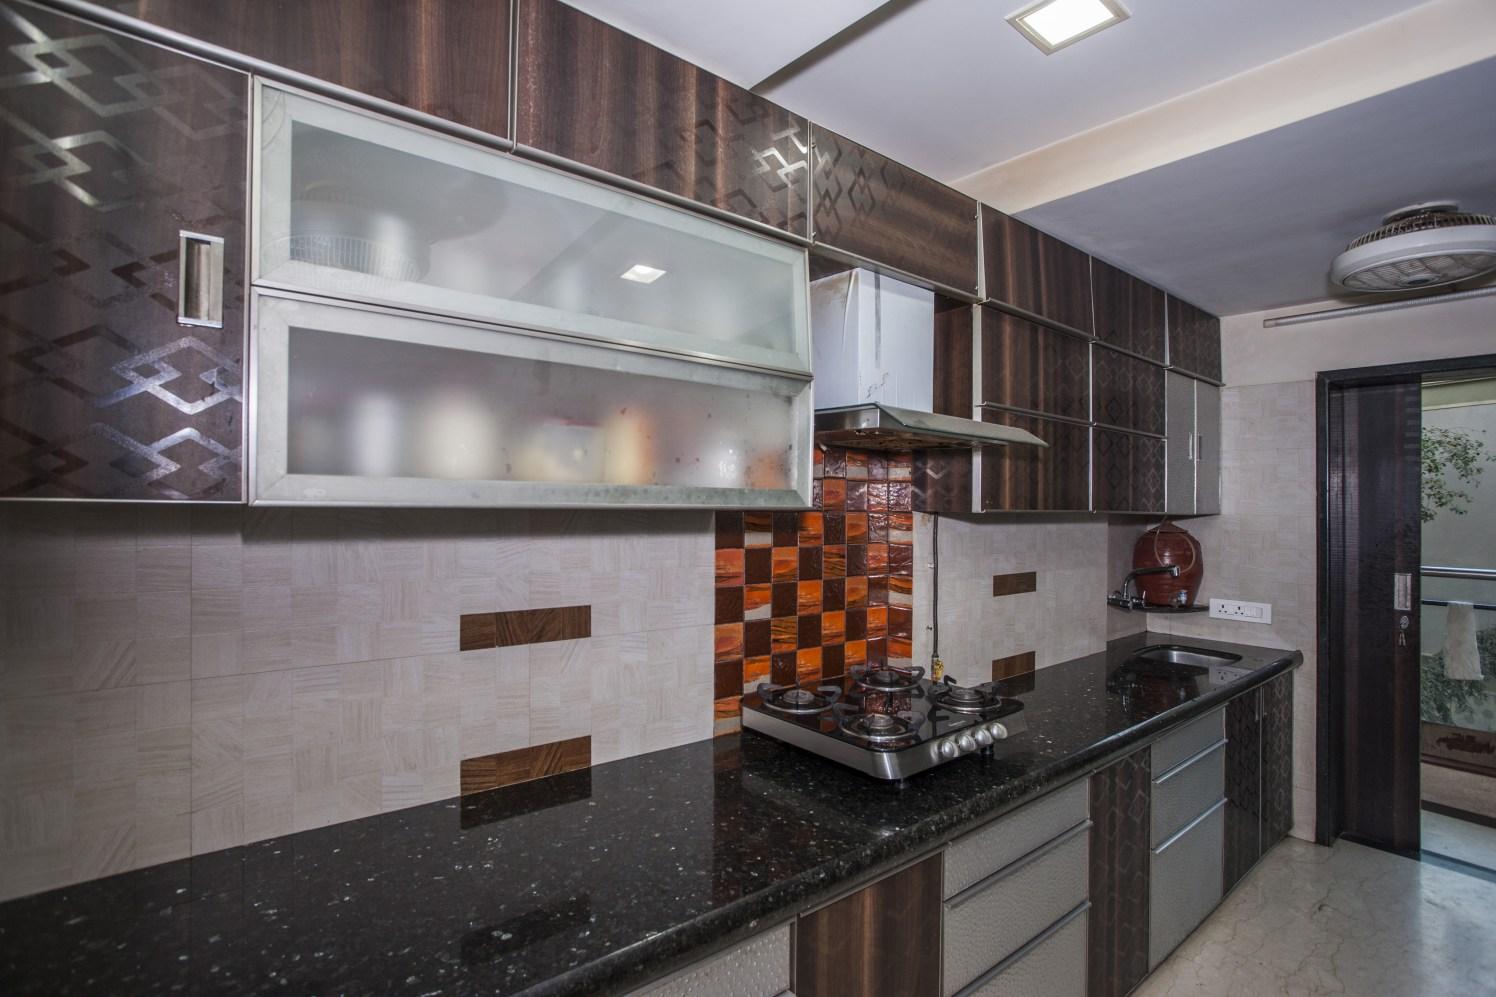 Kitchen Affair by Plus One Interiors Modular-kitchen Modern | Interior Design Photos & Ideas